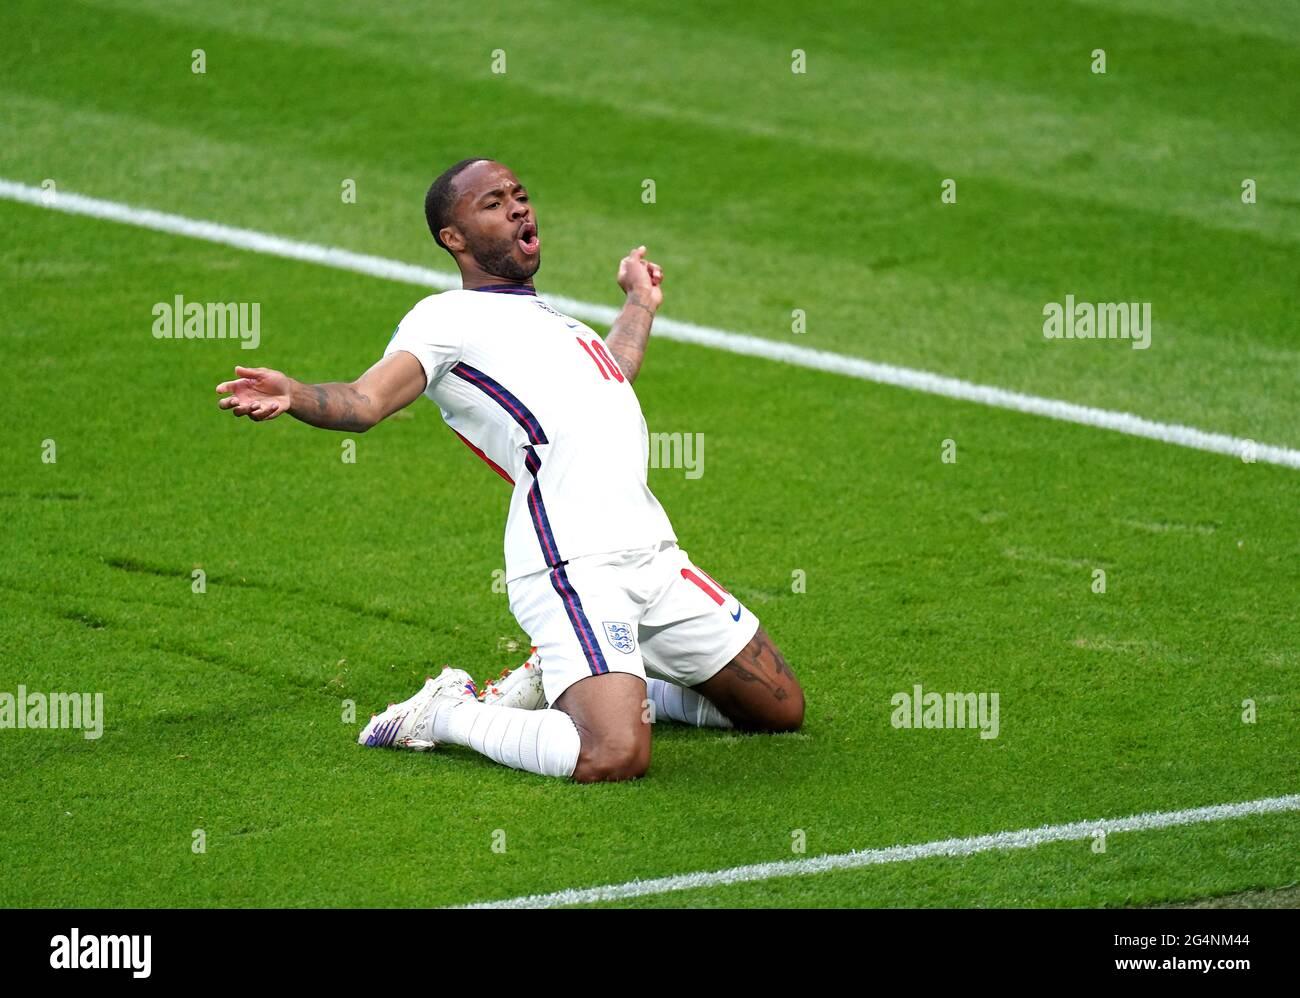 Il Raheem Sterling dell'Inghilterra celebra il primo gol della partita durante la partita UEFA Euro 2020 Group D al Wembley Stadium di Londra. Data immagine: Martedì 22 giugno 2021. Foto Stock